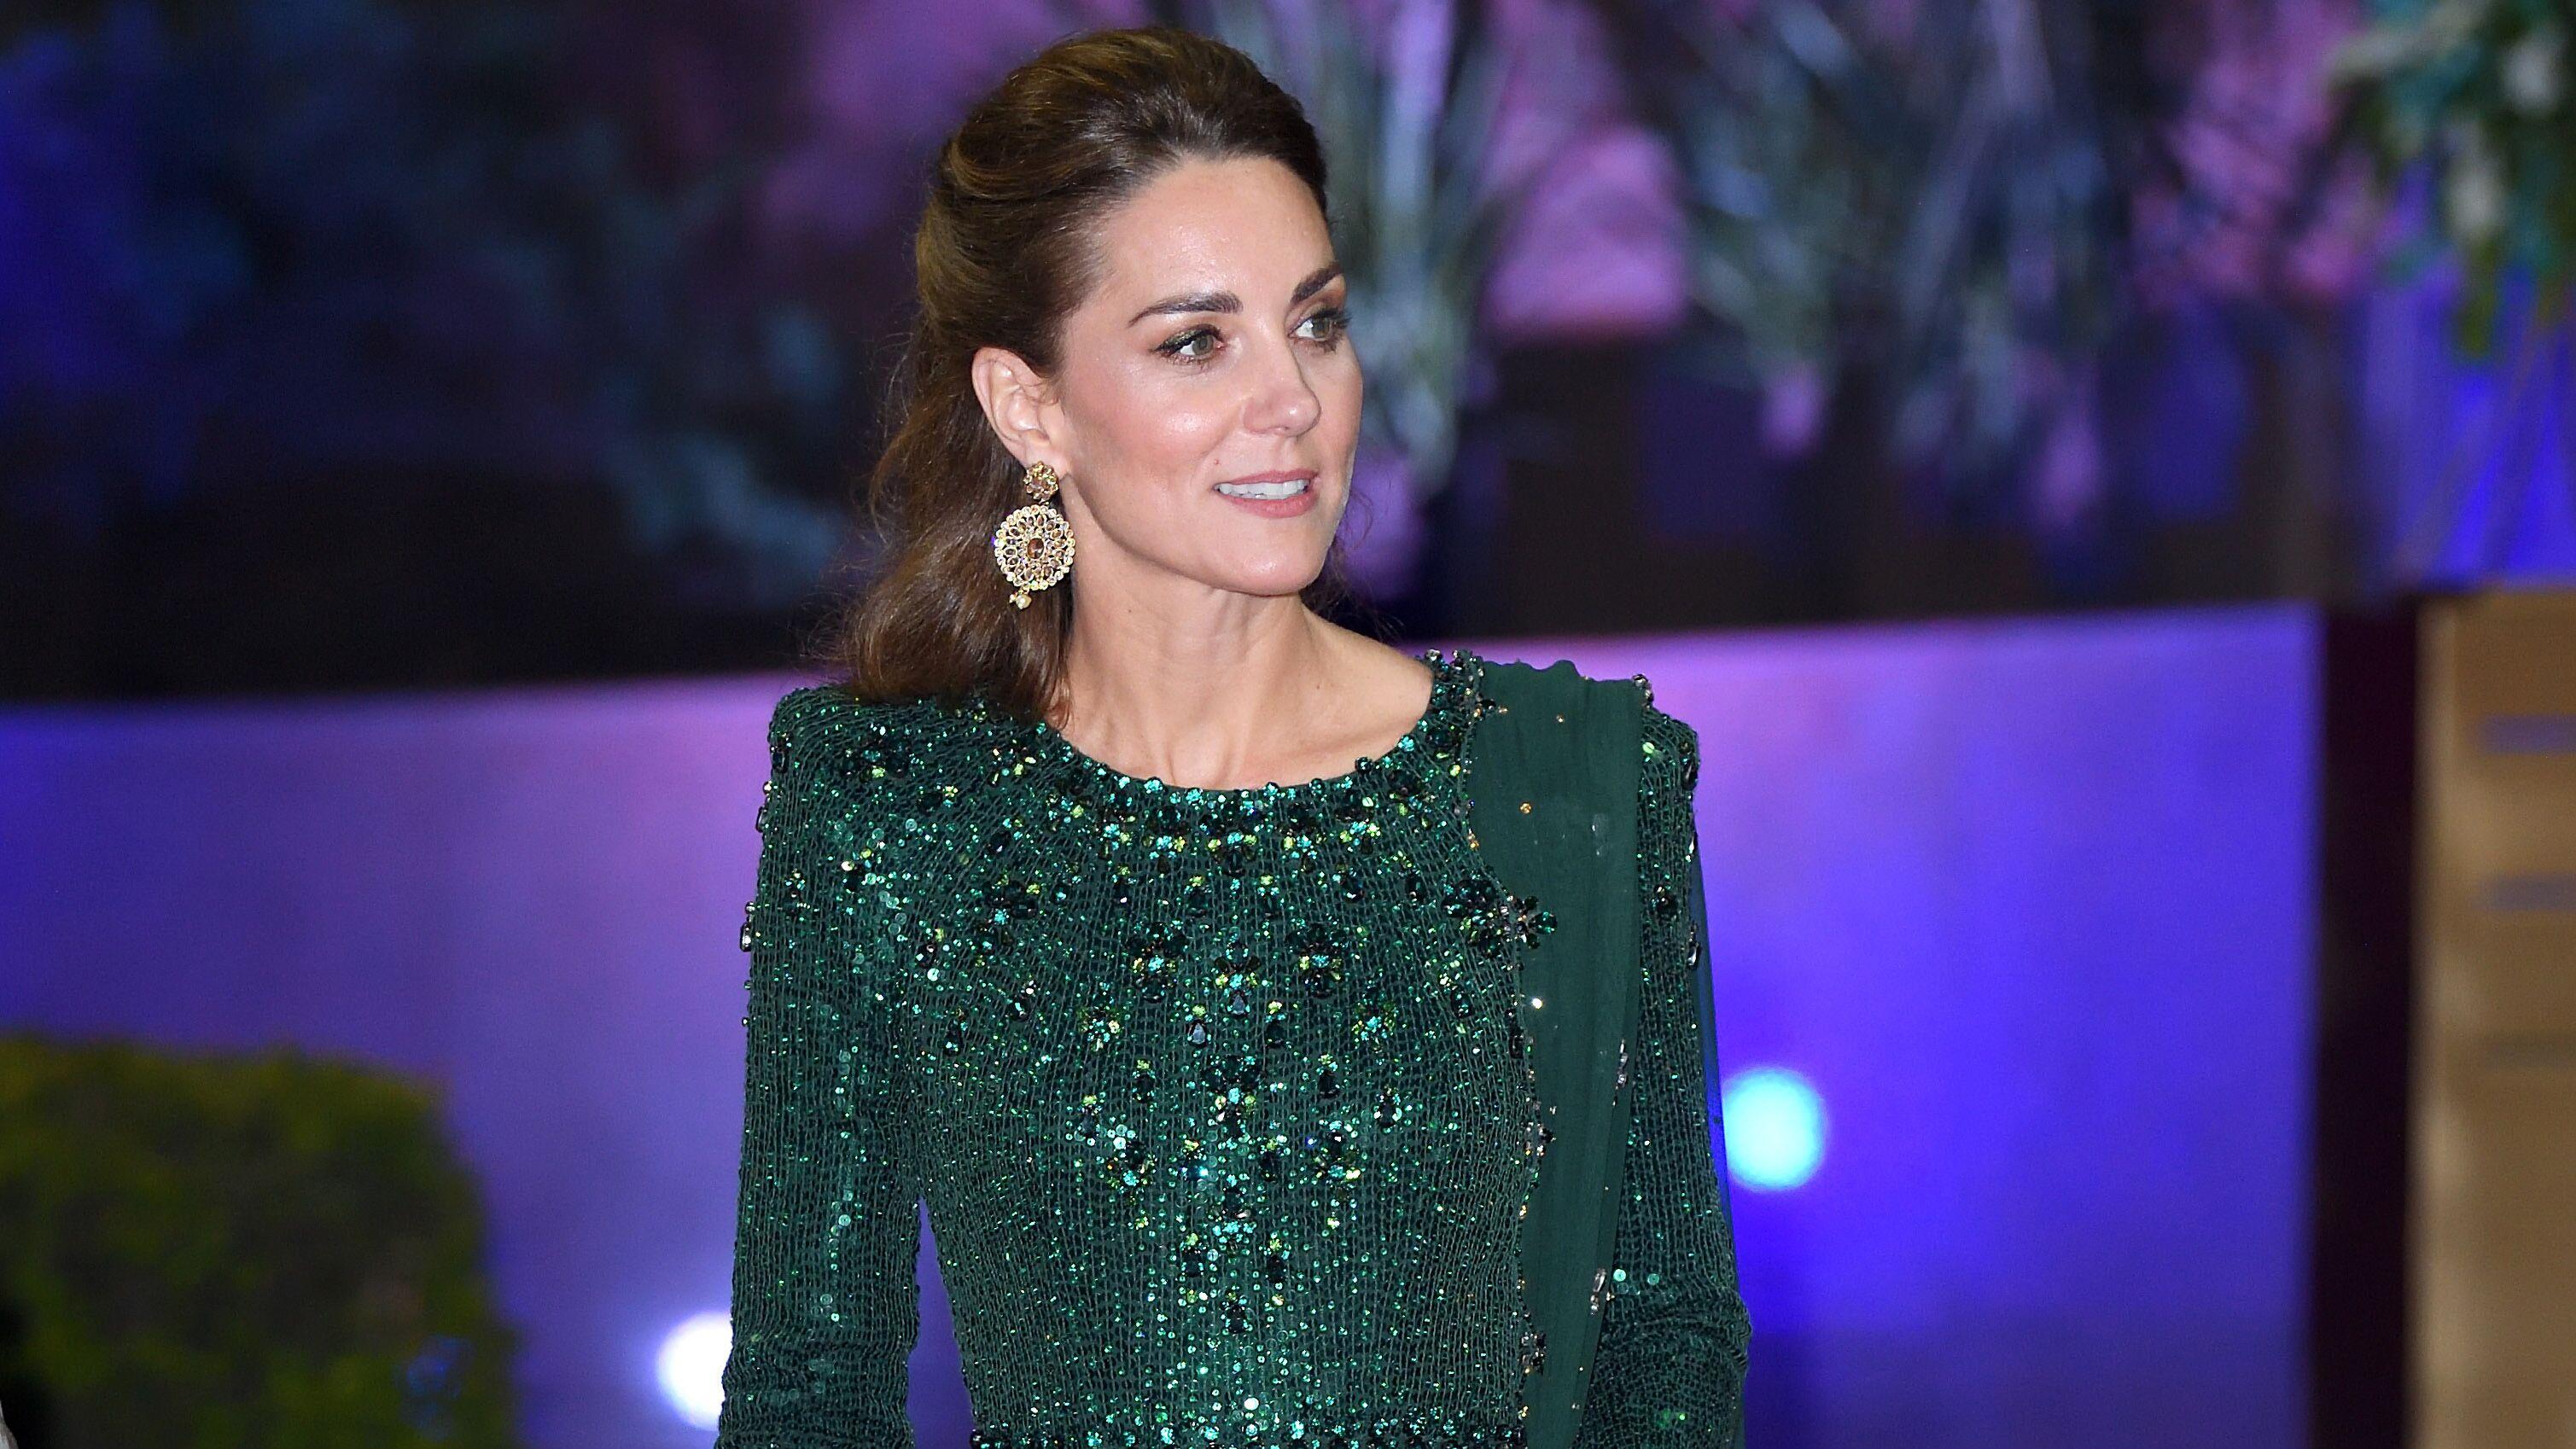 On veut le look glitter de Kate Middleton en moins cher!